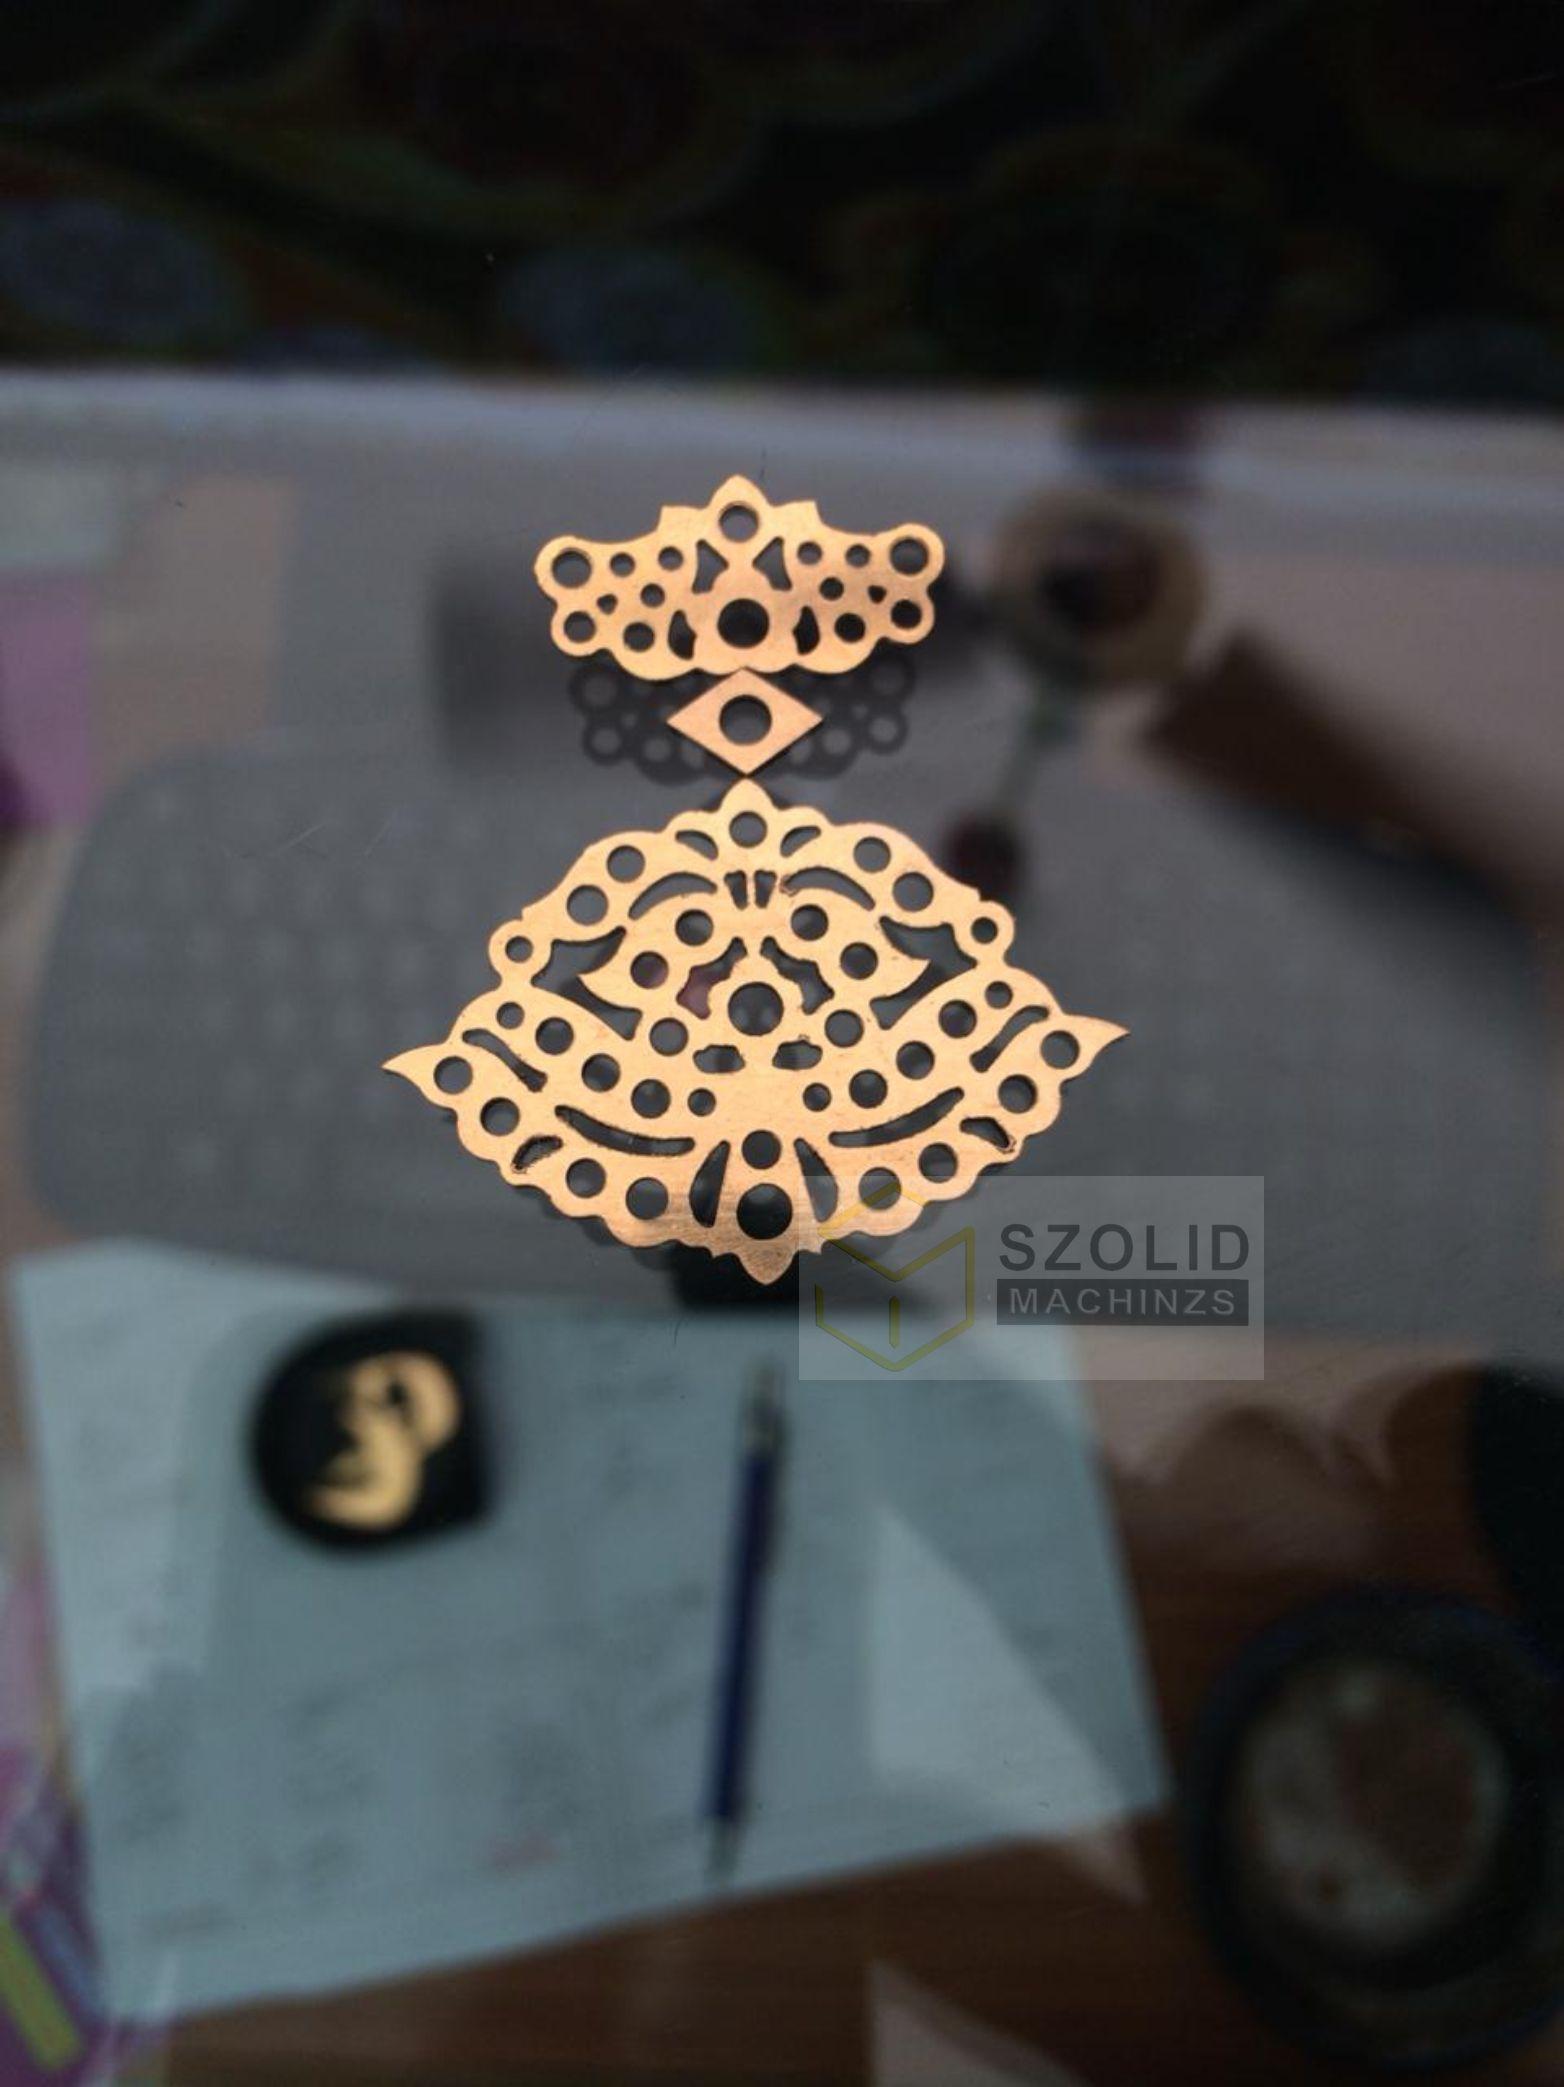 Jewelry Works india Szolid machinzs